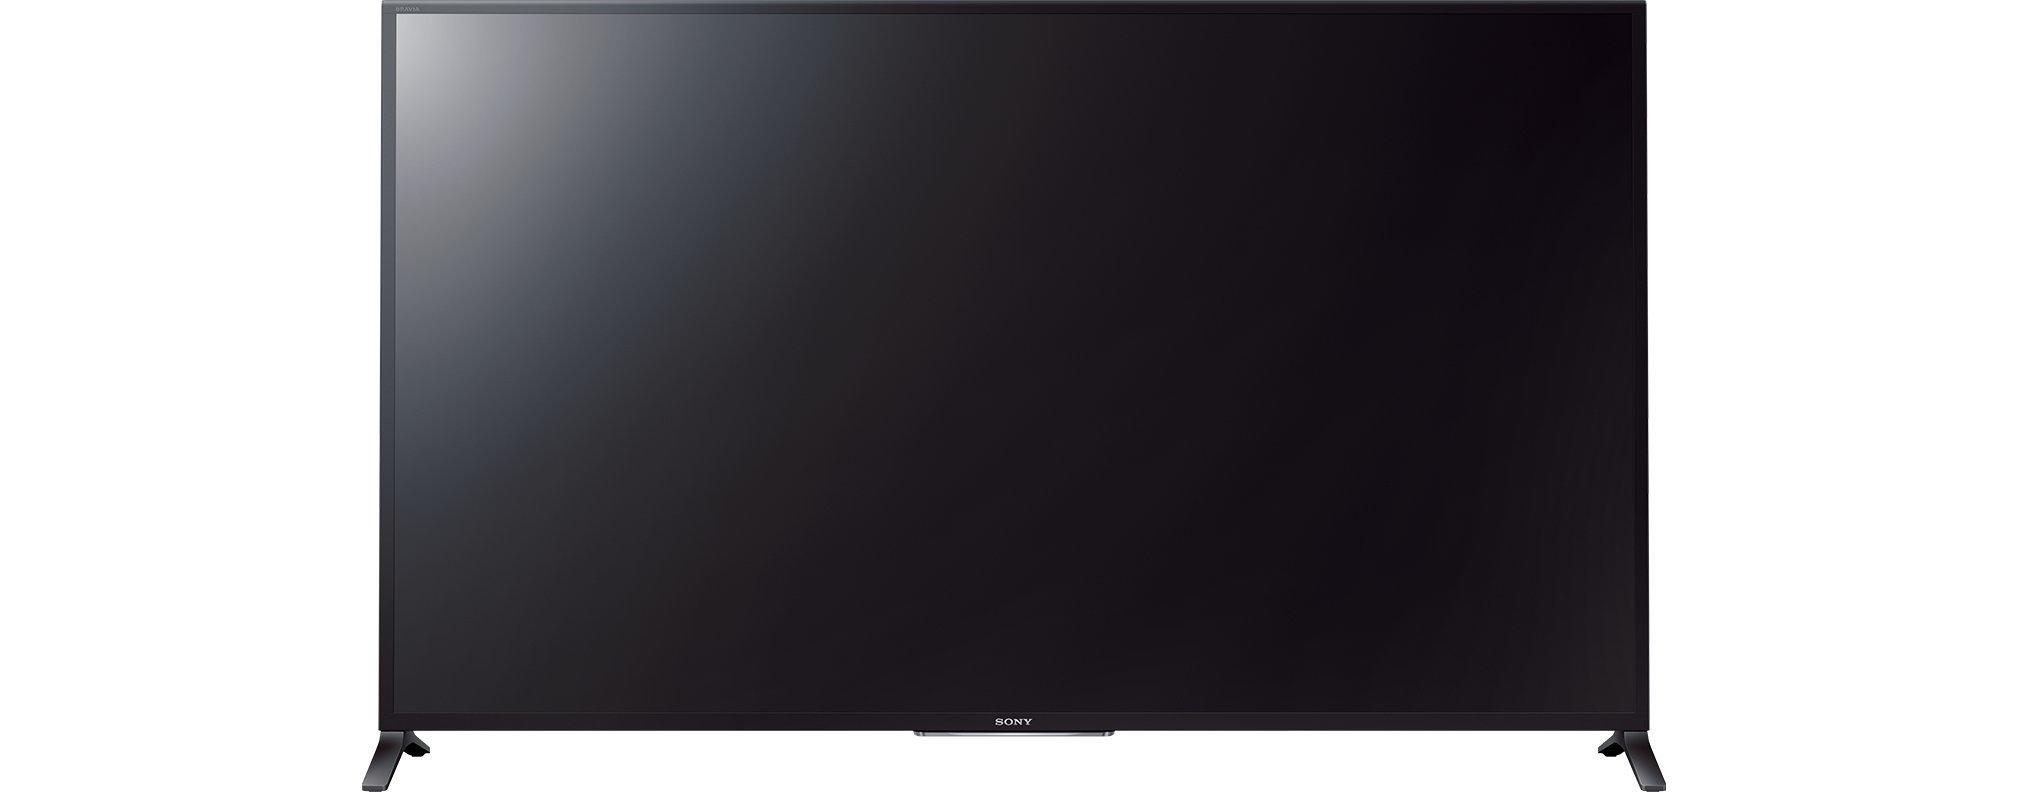 Sony KDL-60W855 60